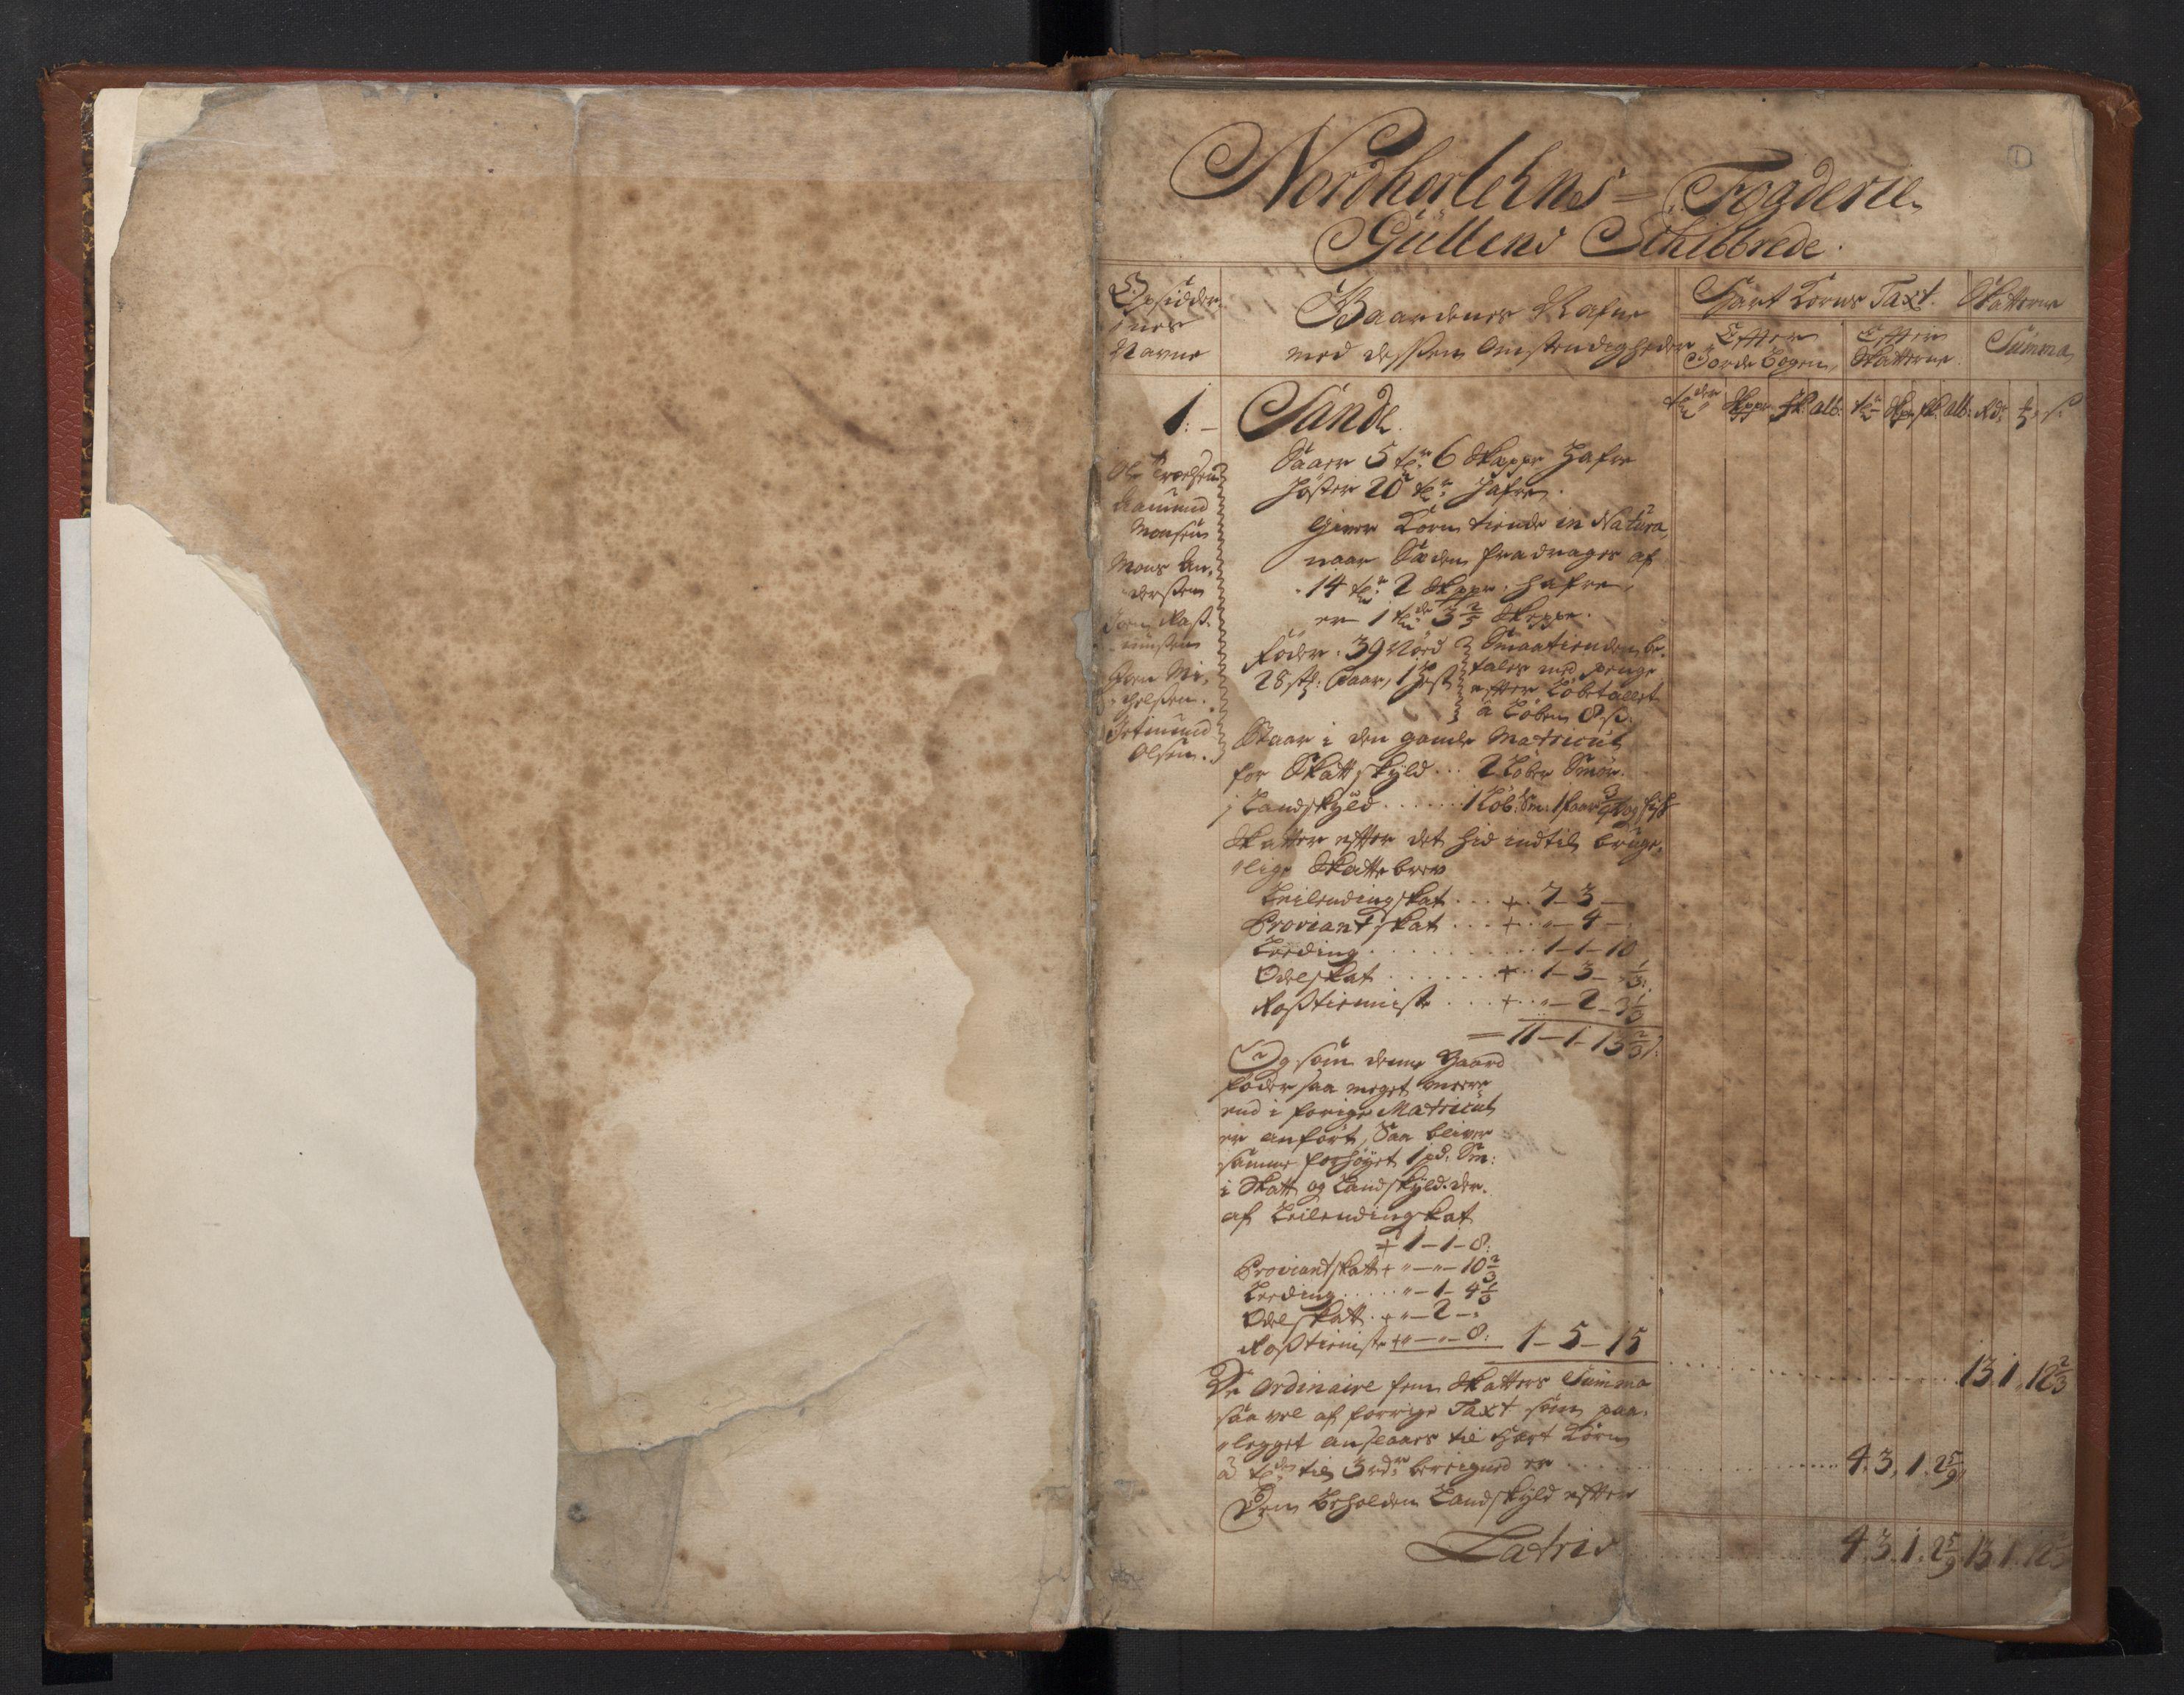 RA, Rentekammeret inntil 1814, Realistisk ordnet avdeling, N/Nb/Nbf/L0138: Gulen skipreide, prøvematrikkel, 1721, s. 1a